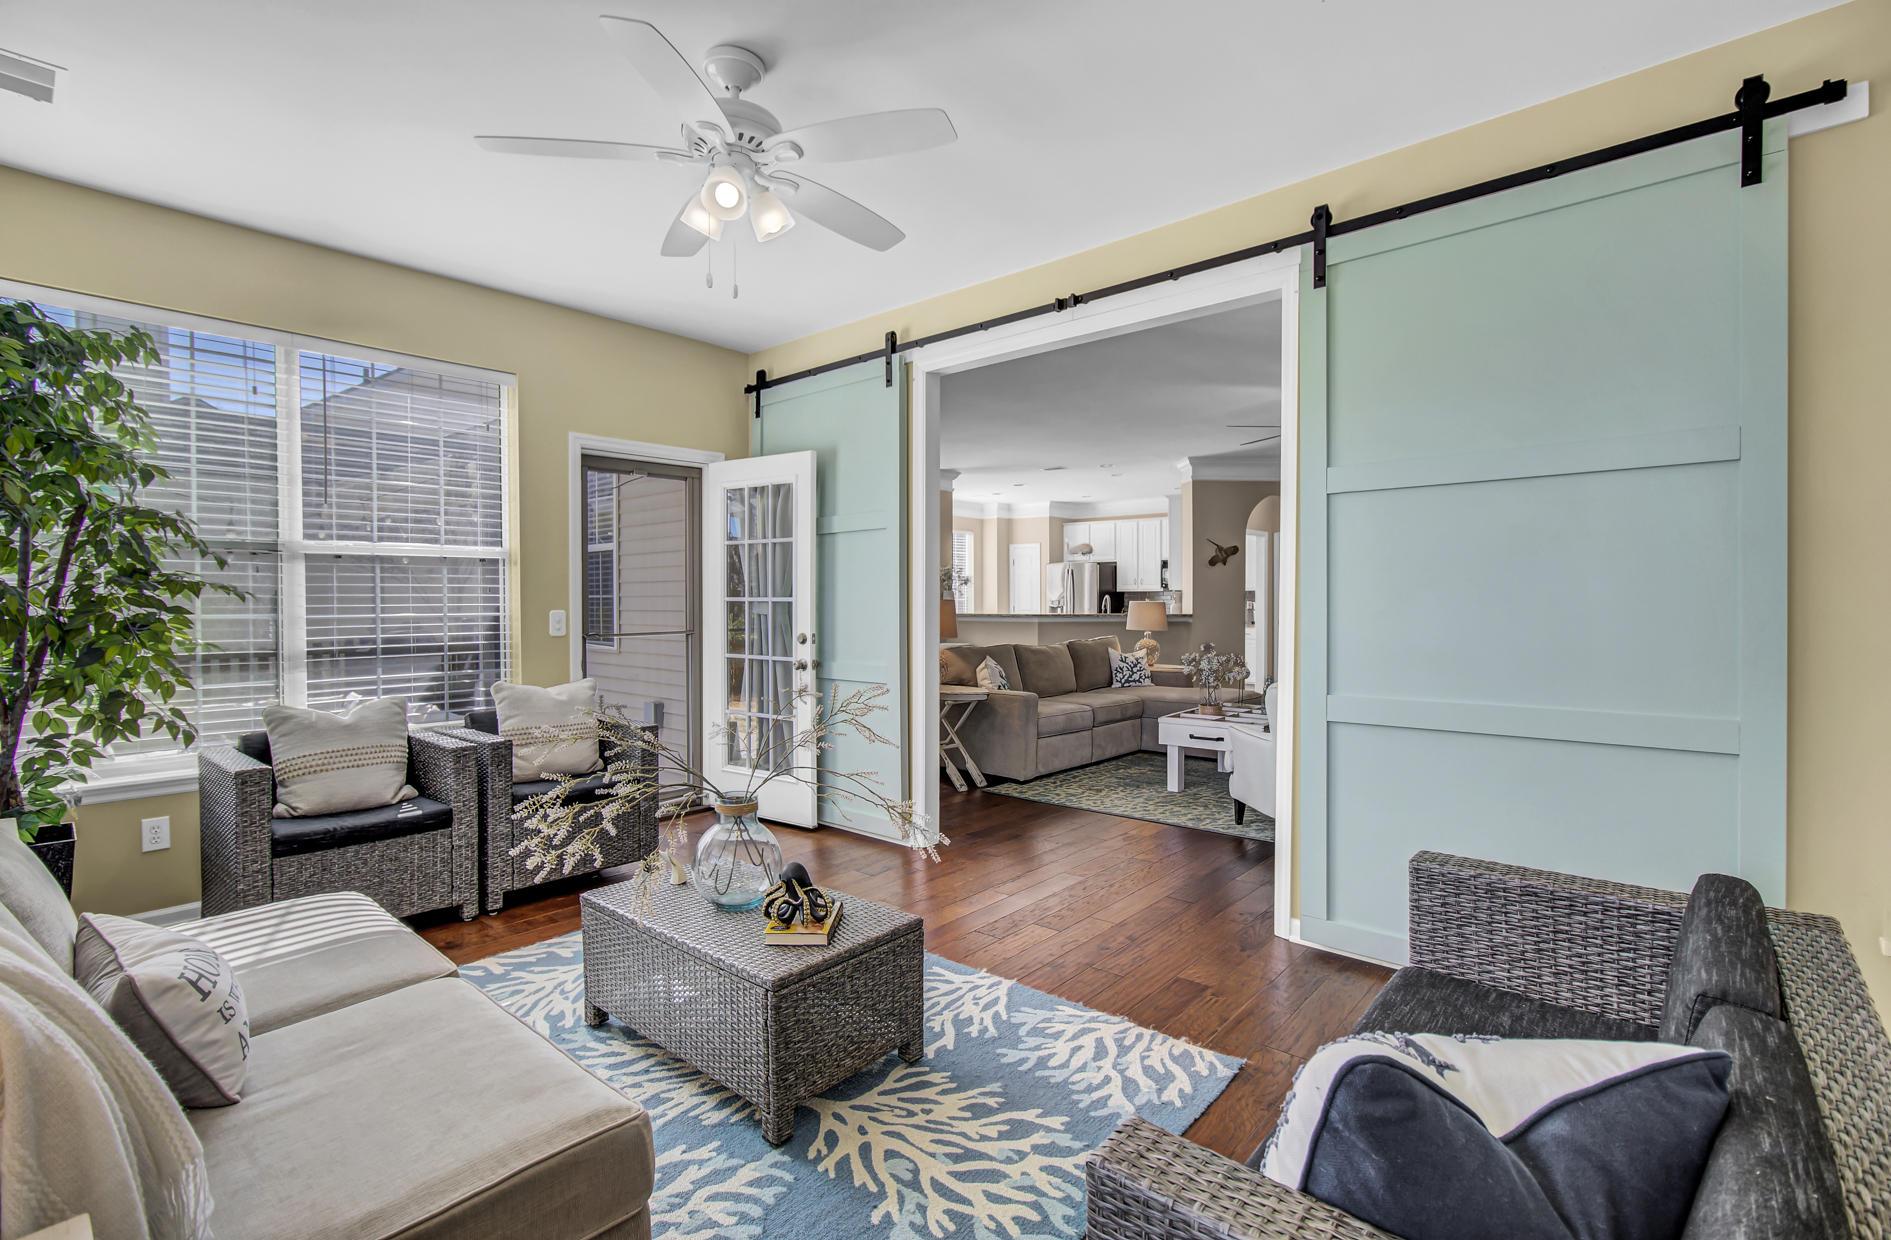 Park West Homes For Sale - 1497 Endicot, Mount Pleasant, SC - 29